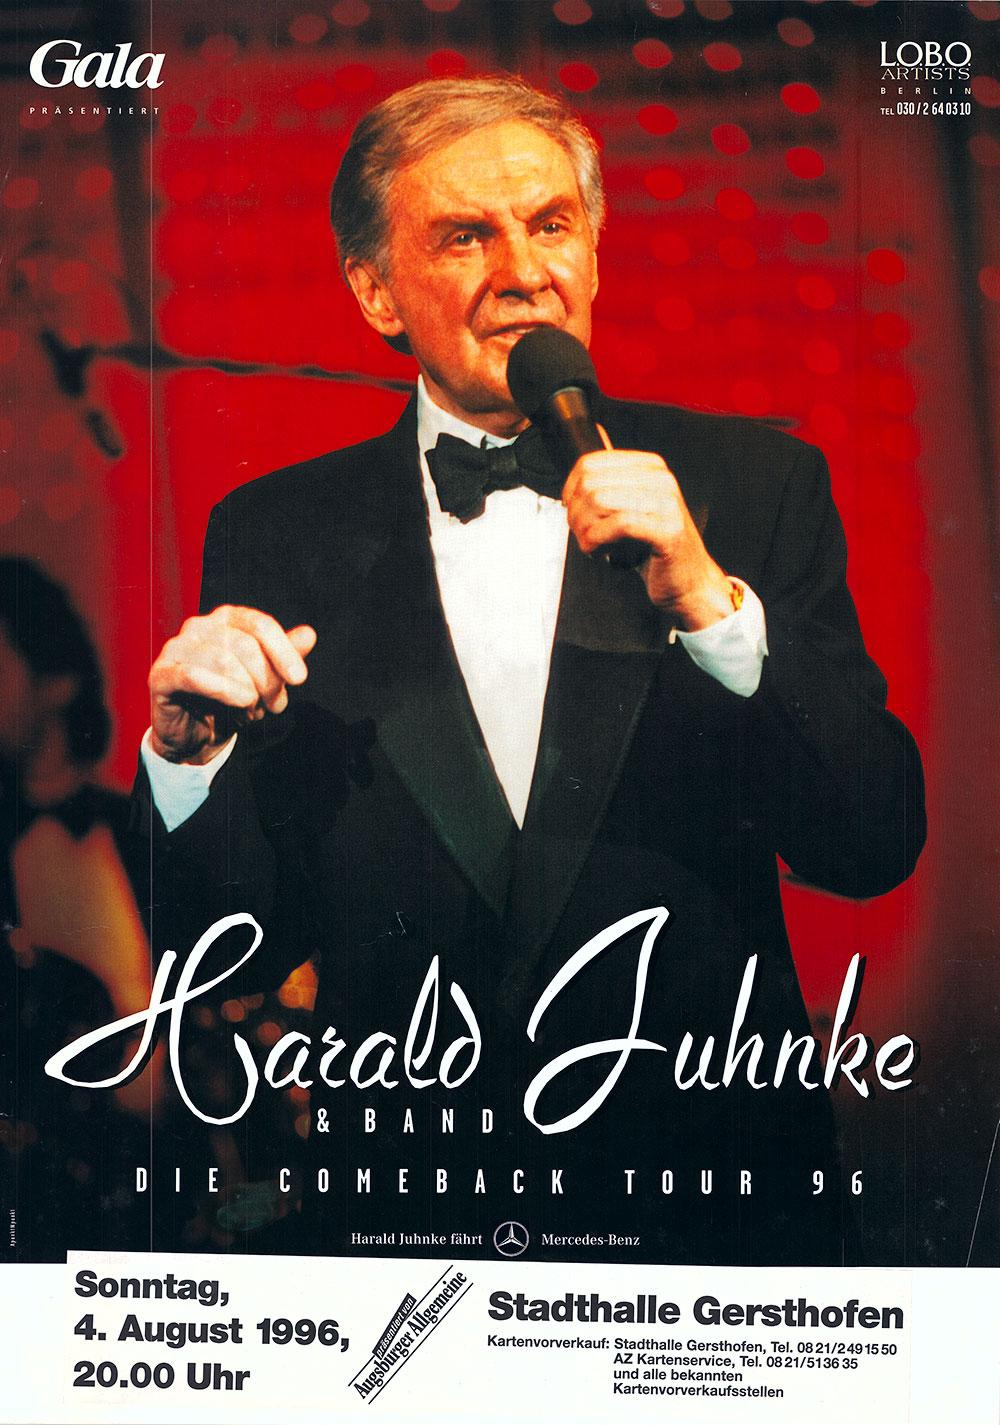 """Harald Juhnke galt als der """"deutsche Frank Sinatra"""" und einer der letzten großen Entertainer."""